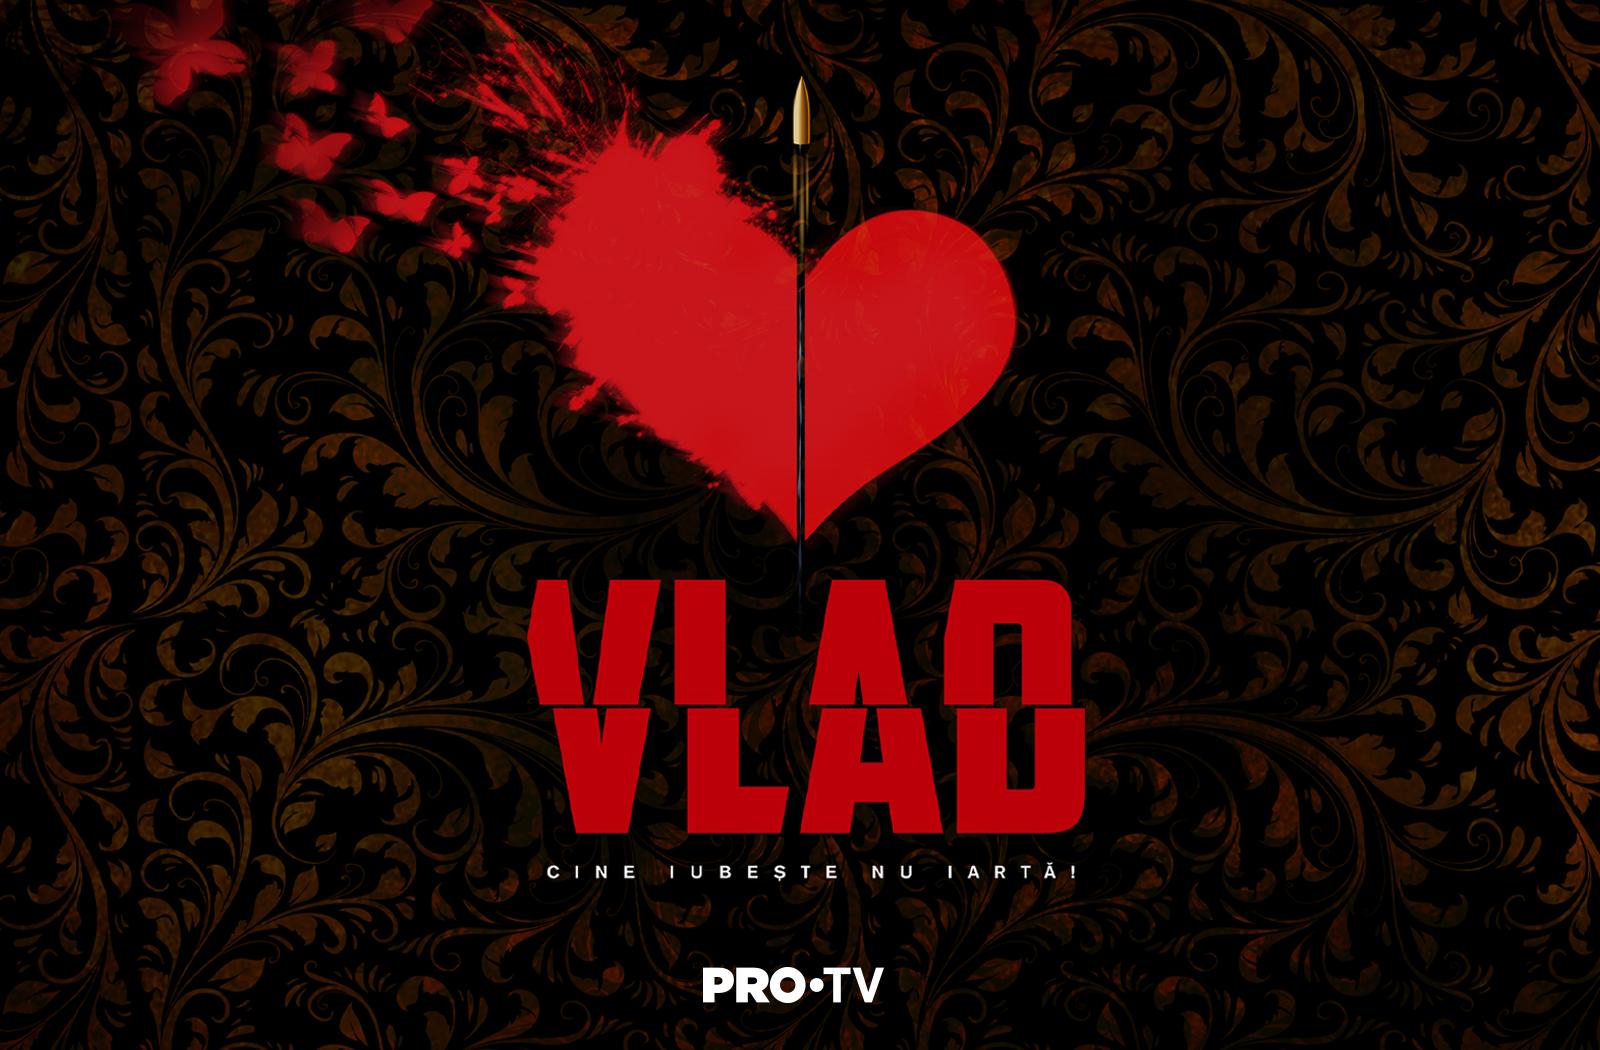 Vlad sezon 2 la Pro TV online live stream